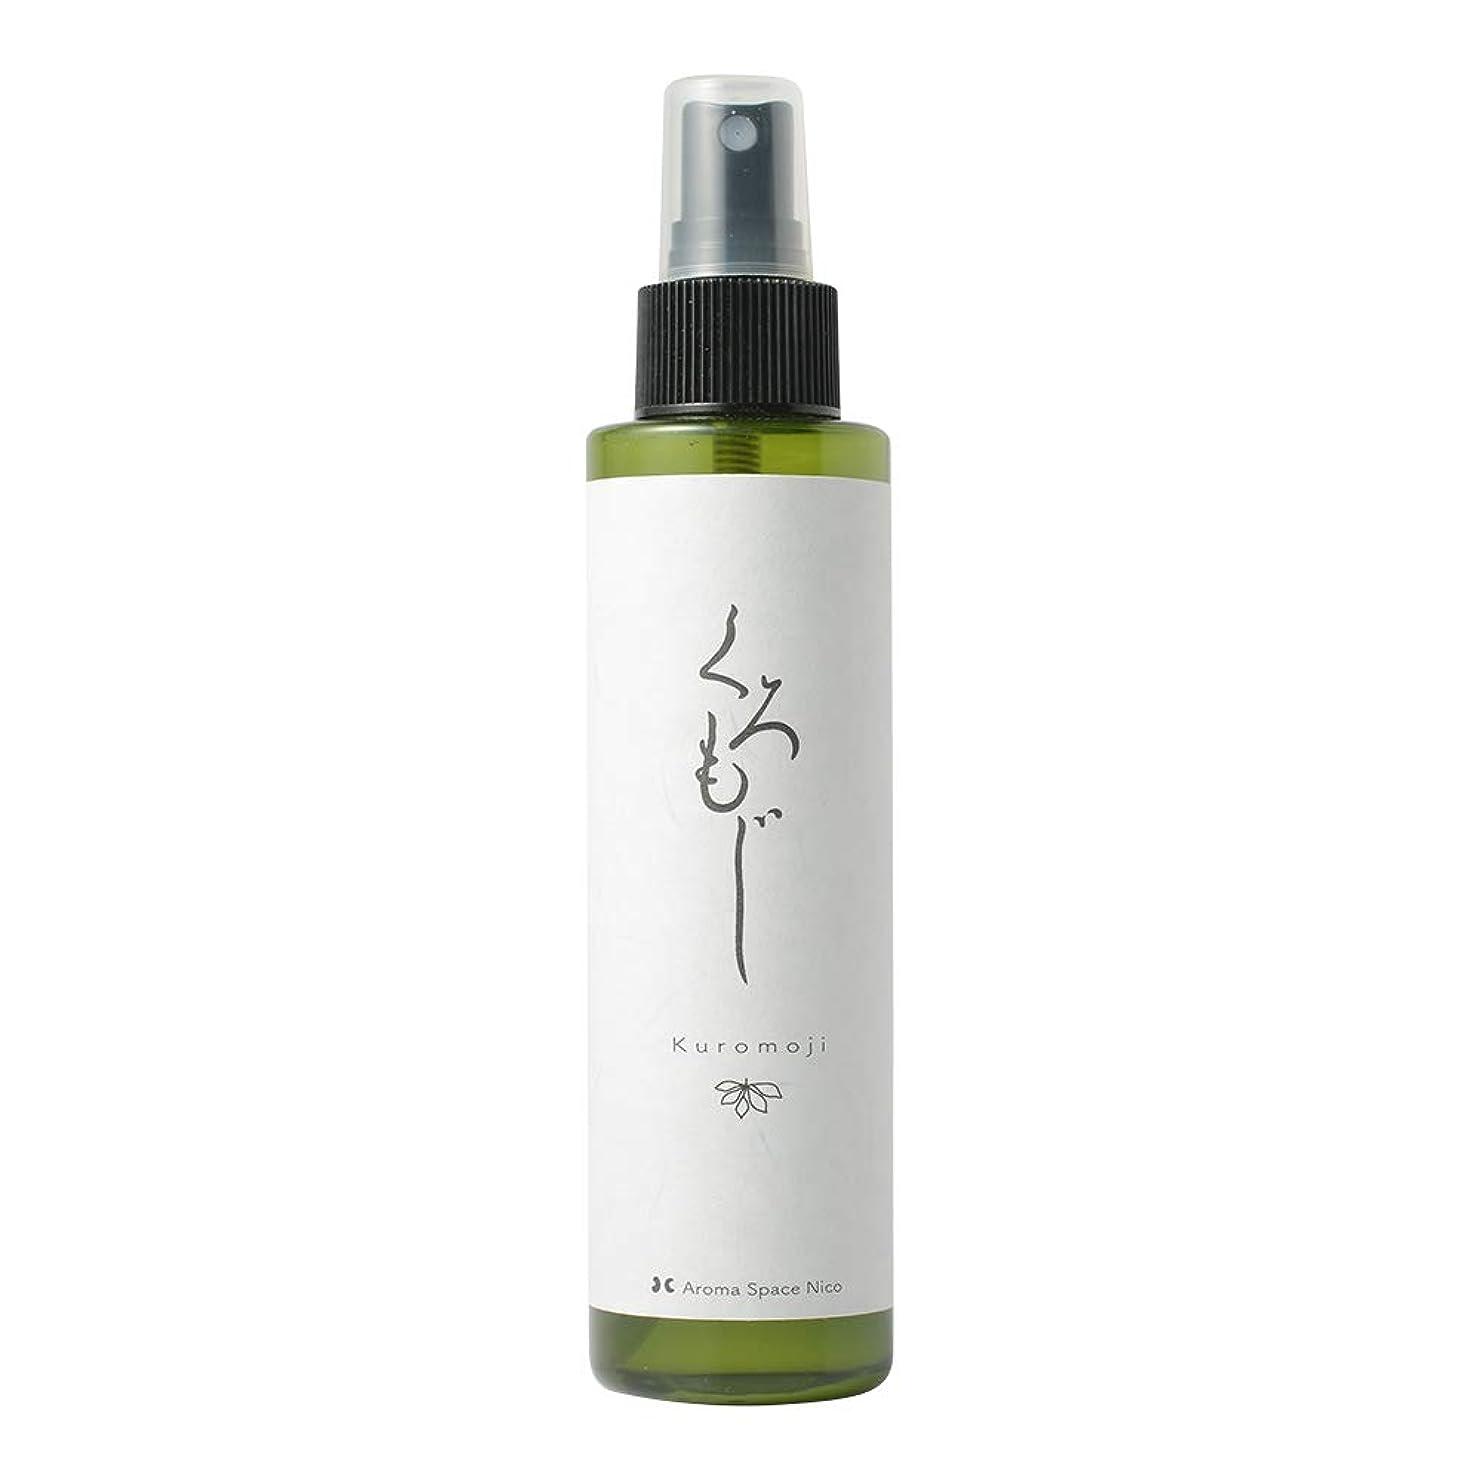 生き残り聖歌おなじみの無添加 さっぱり 化粧水 [NICOクロモジハーブウォーター(150ml)] 敏感肌 ミスト 天然成分100% 心が和む和の香り …